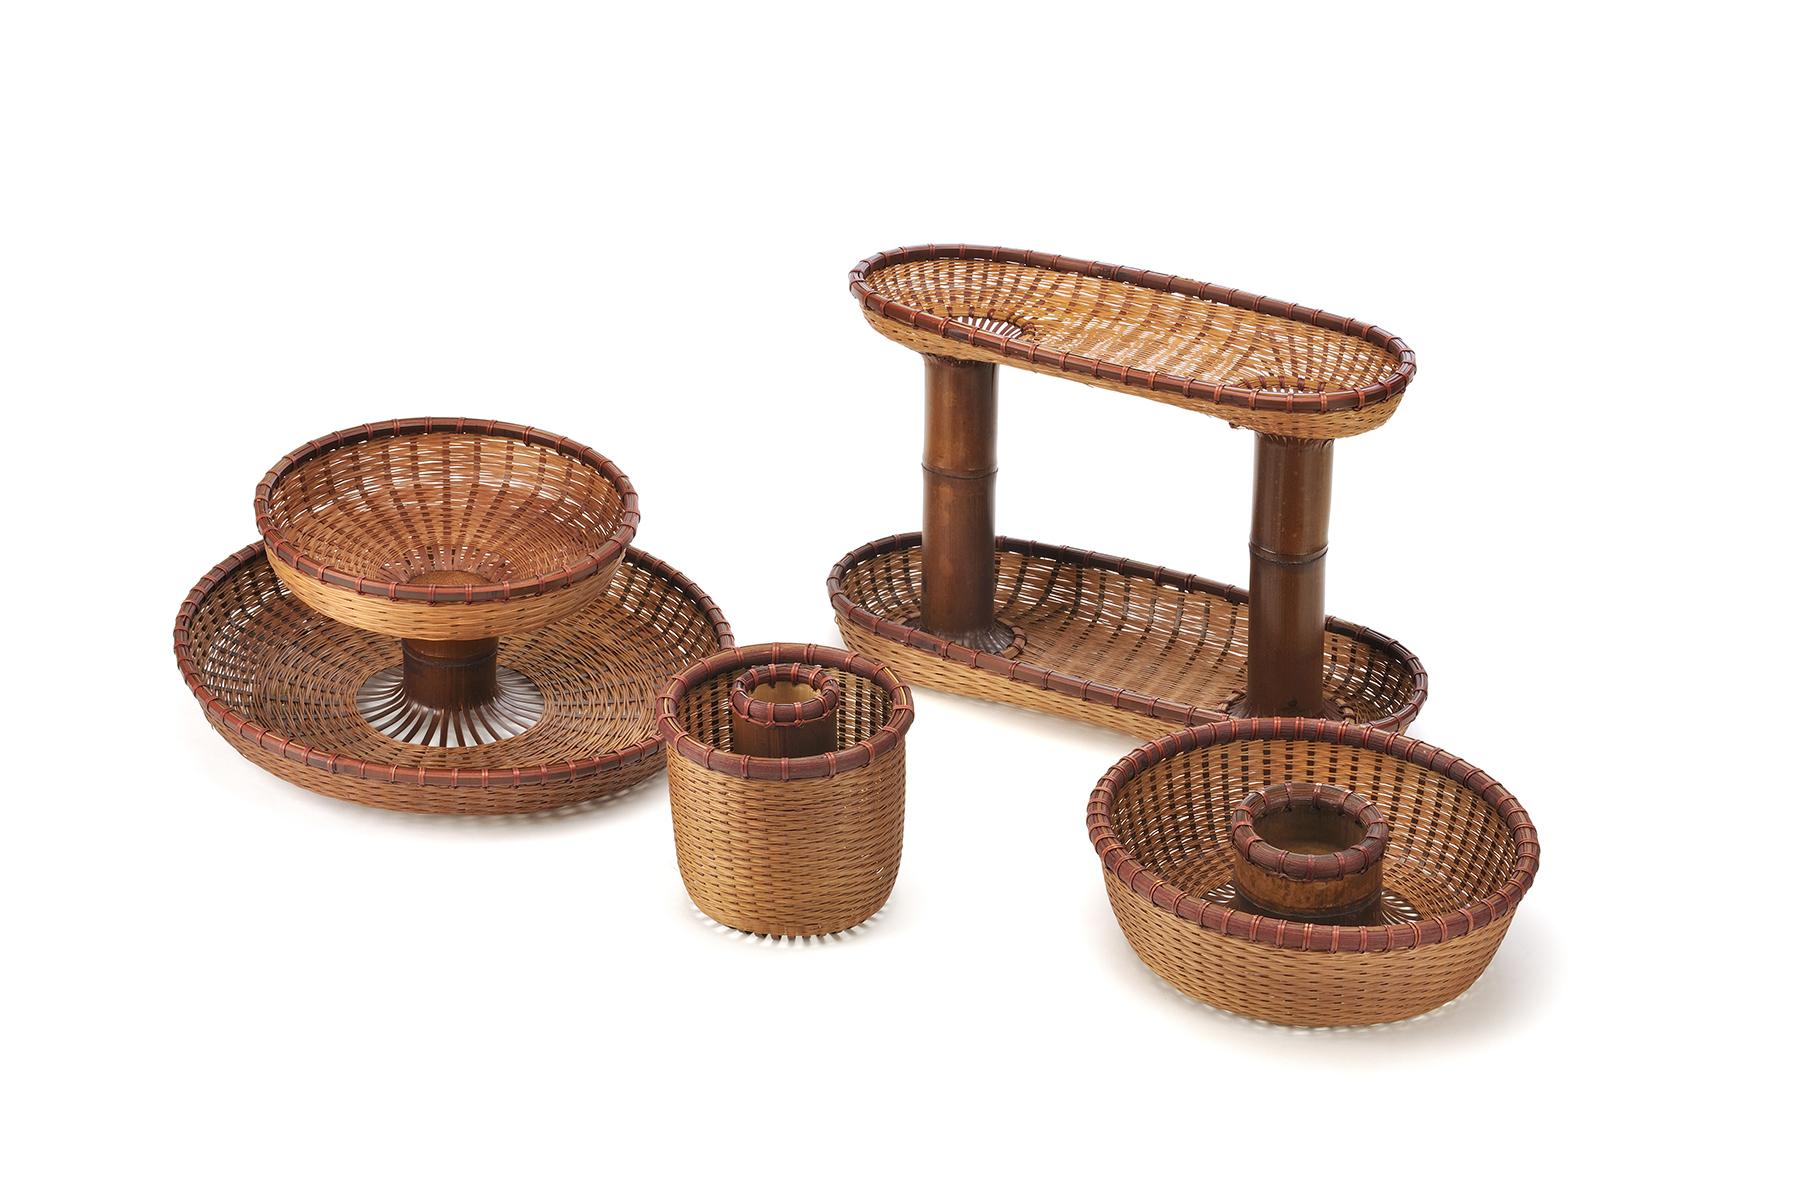 節盤(Joint Plate):以原始竹管兩端為軸心,剖成竹片,再以竹葉編法上下延伸編織成圓盤。